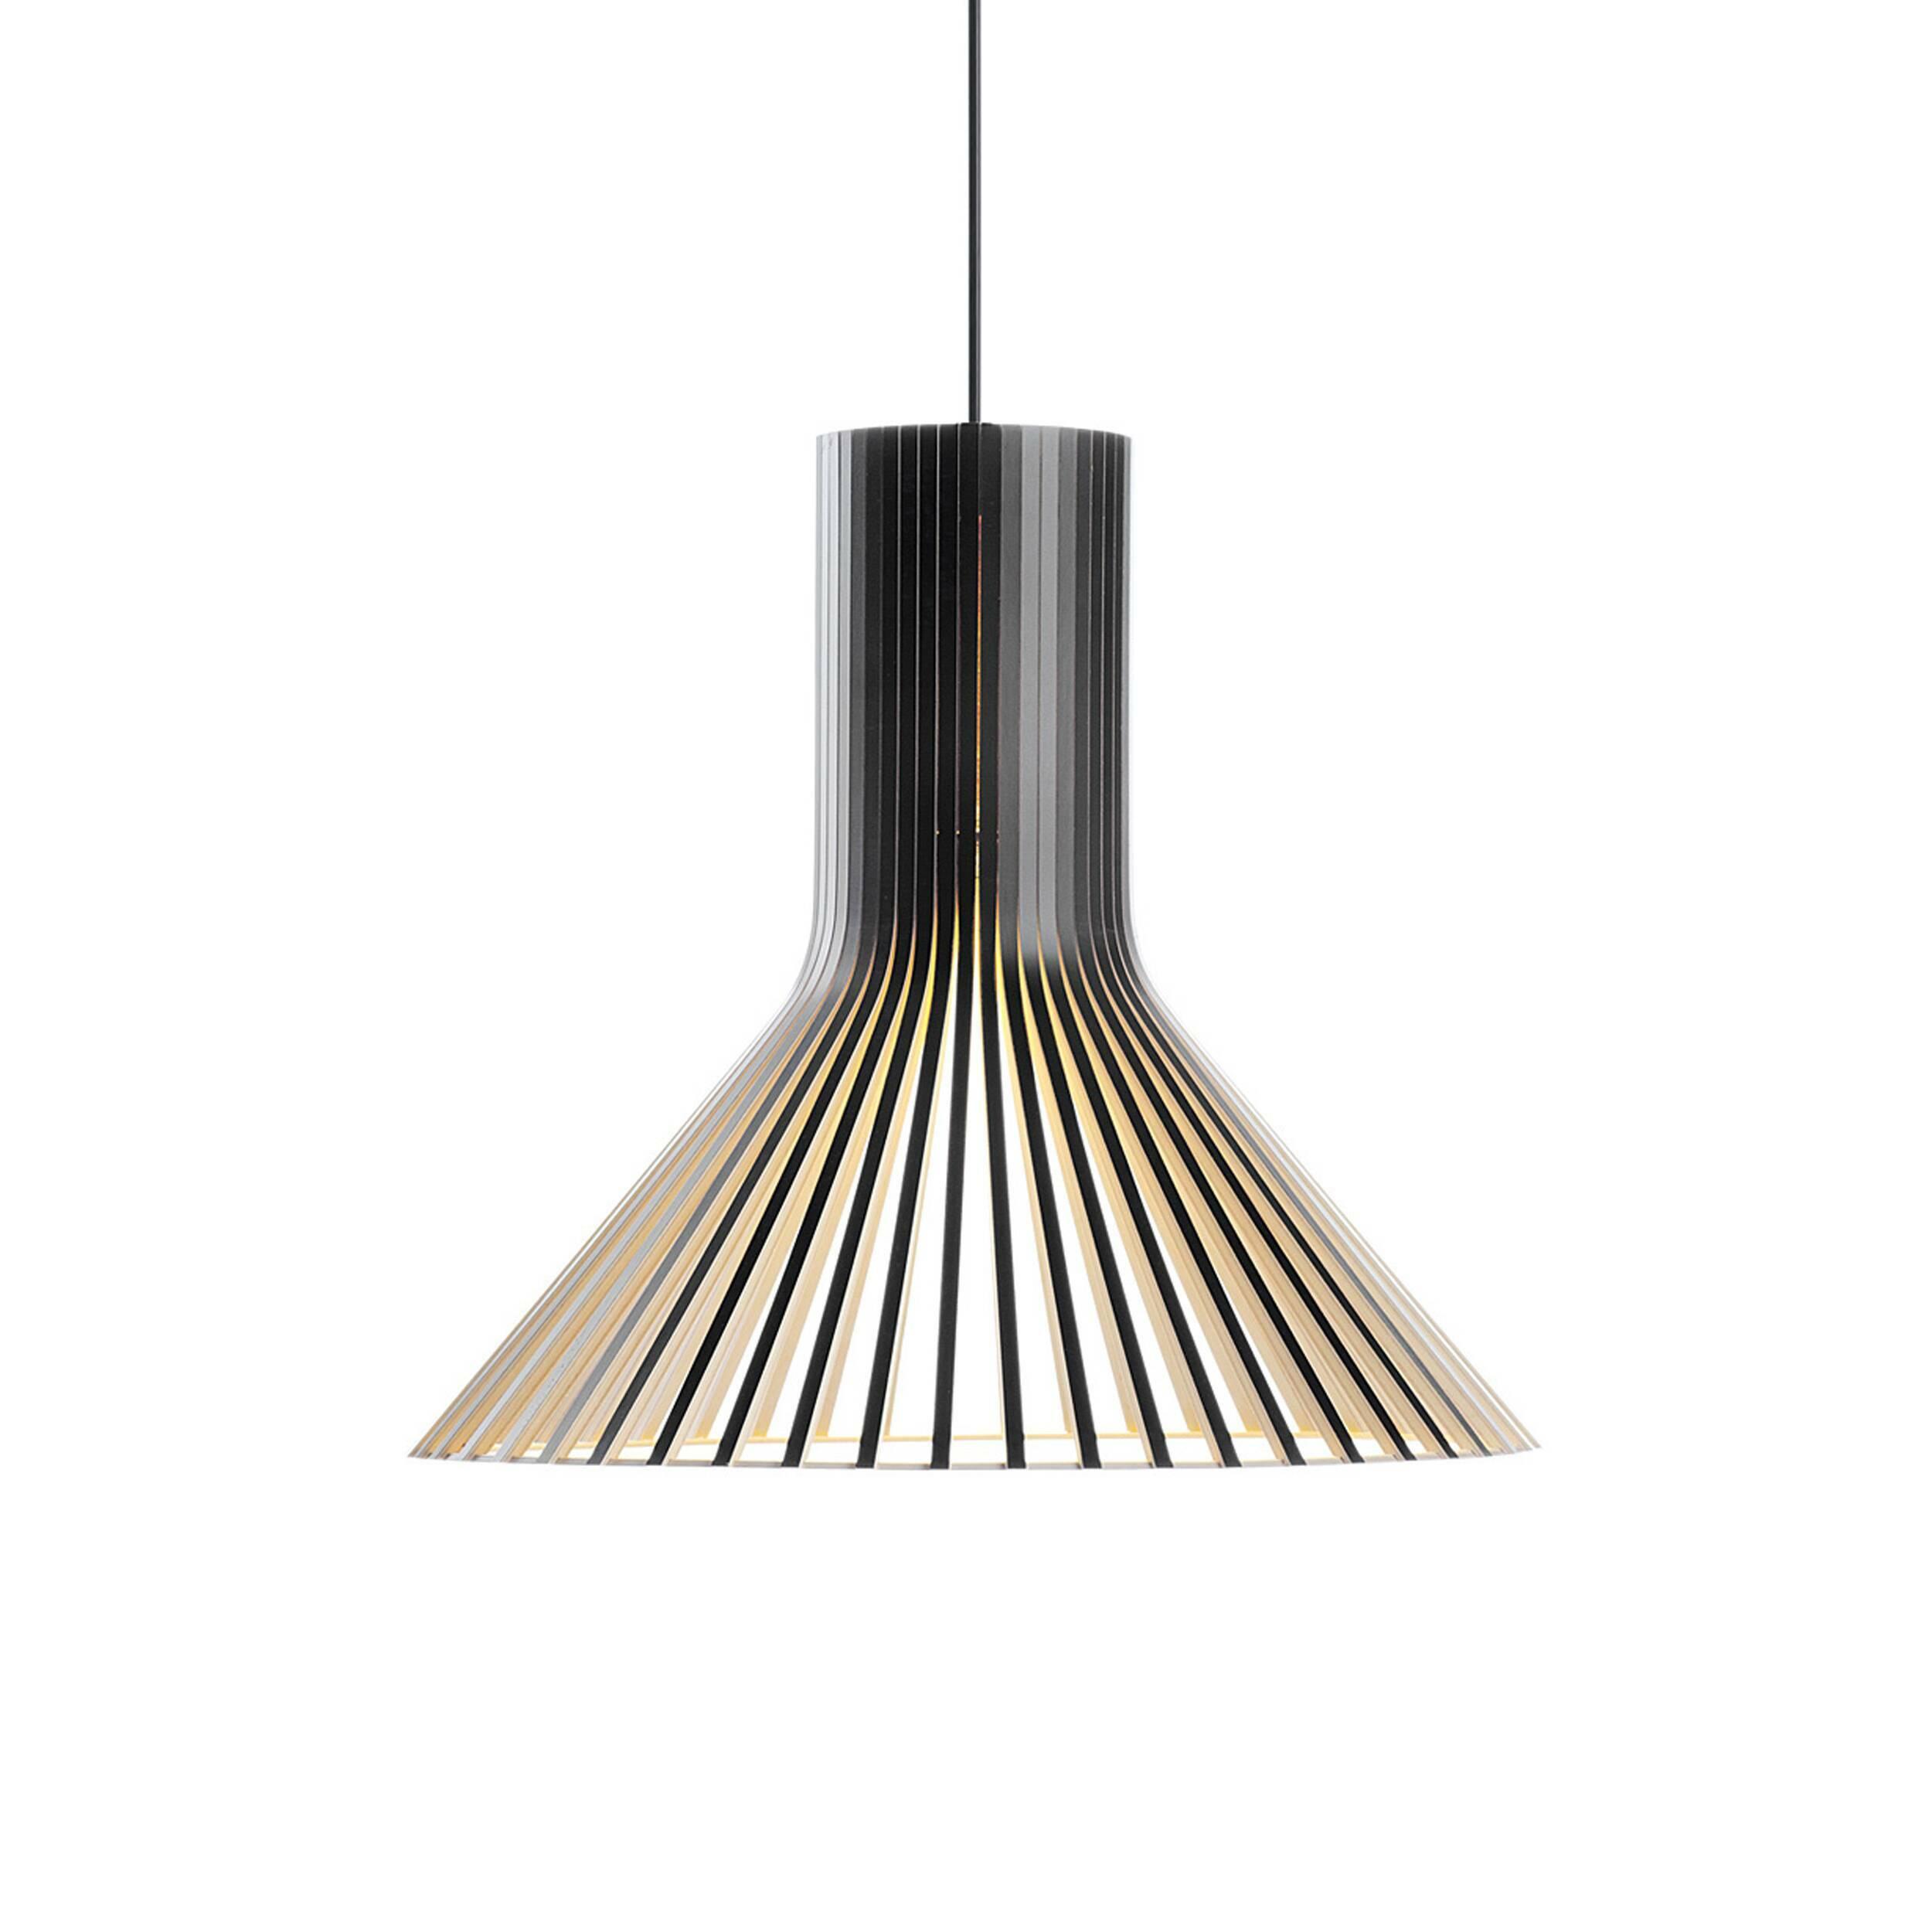 Подвесной светильник Puncto 4203Подвесные<br>Компания Secto Design является финским производителем дизайнерских светильников из дерева, обретающих всемирную известность. Изготавливаемые вручную высококвалифицированными специалистами из натуральной древесины березы, они наделены простотой и четкостью скандинавского стиля. Торшеры, подвесные и настенные светильники, а также настольные лампы обеспечивают мягкое свечение и придают атмосферность любому помещению.<br><br> Подвесной светильник Puncto 4203 изготовлен по эскизам финского дизайнера С...<br><br>stock: 0<br>Высота: 40<br>Диаметр: 45<br>Количество ламп: 1<br>Материал абажура: Береза<br>Мощность лампы: 40<br>Ламп в комплекте: Нет<br>Напряжение: 220<br>Теплота света: 3000<br>Тип лампы/цоколь: E27<br>Цвет абажура: Черный